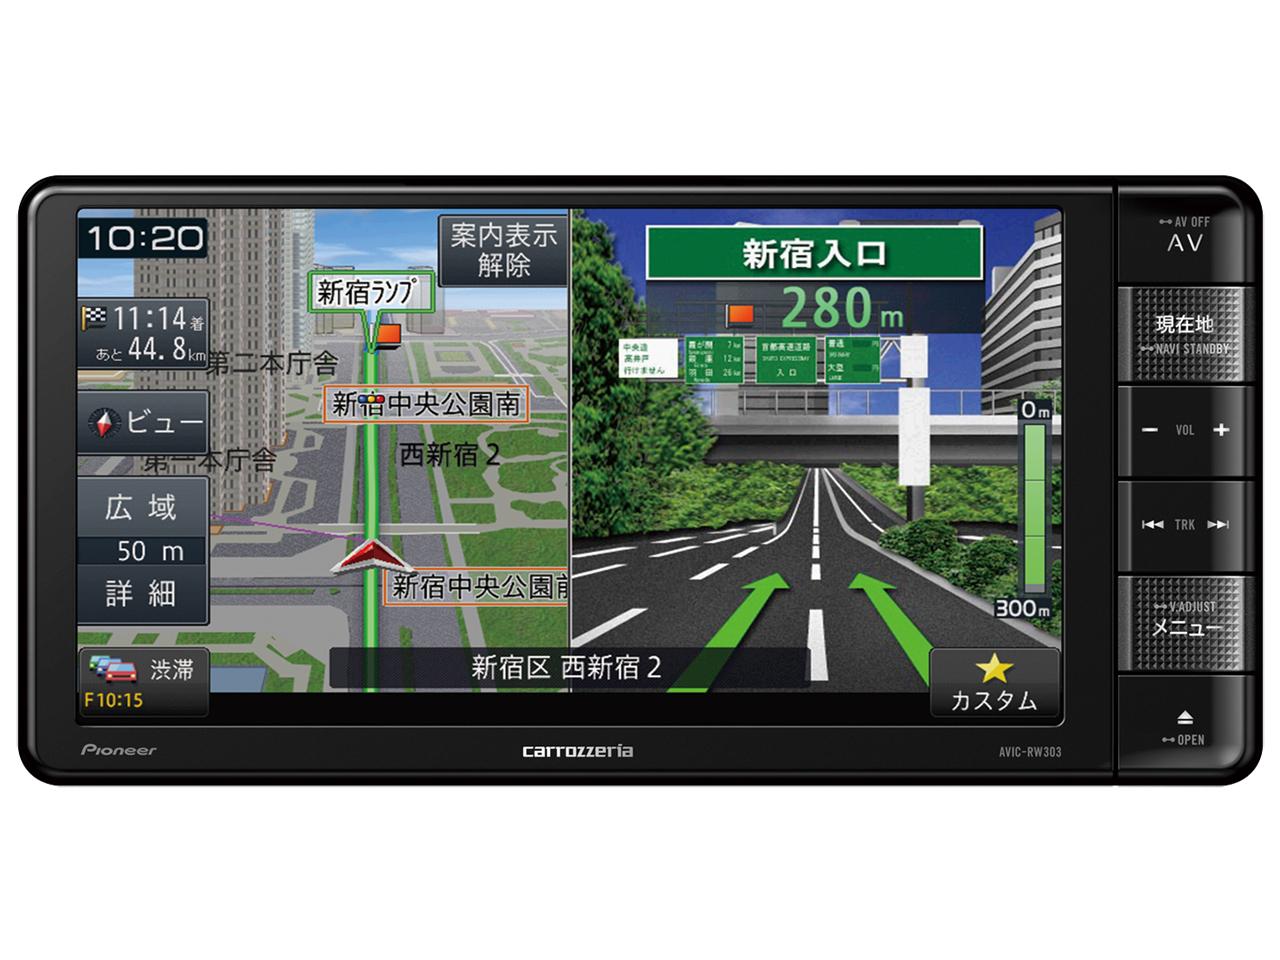 楽ナビ AVIC-RW303II